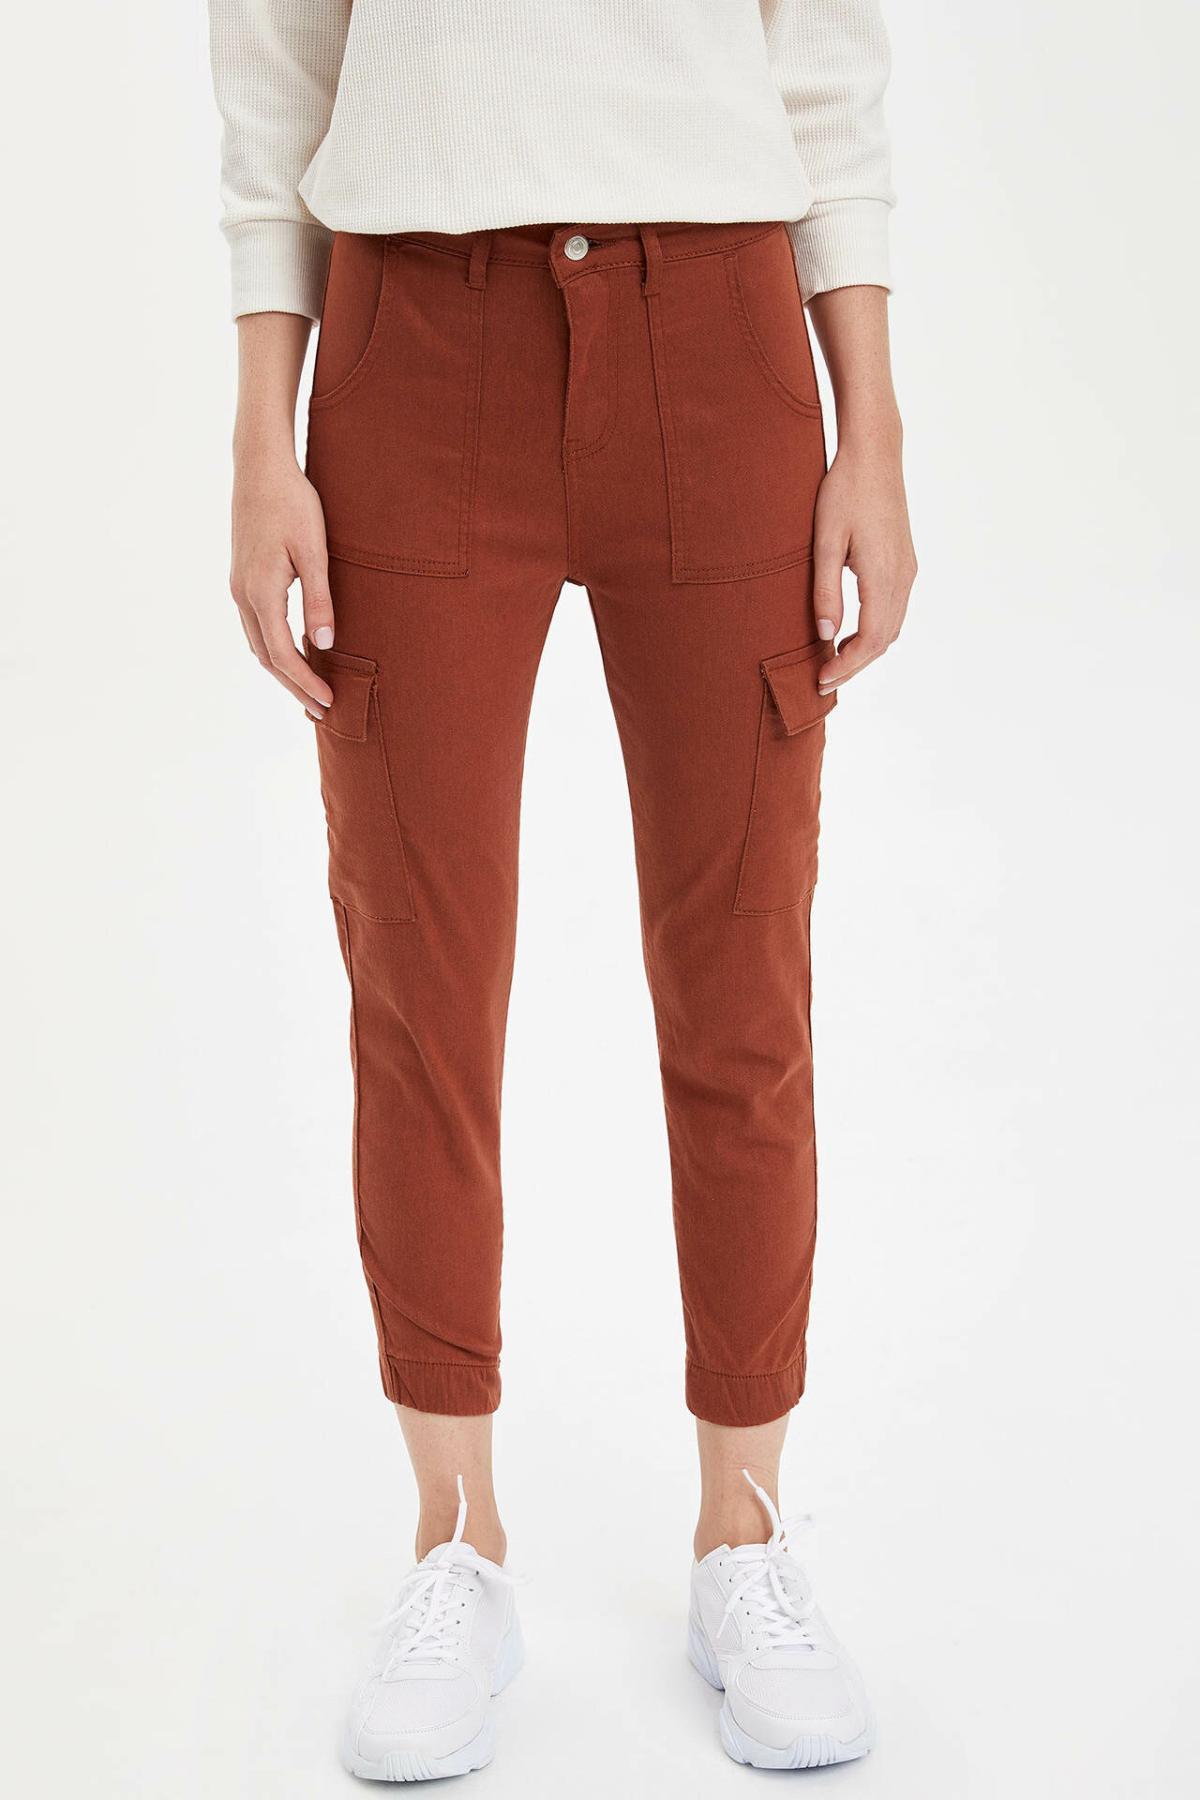 DeFacto New Fashion Casual Women's Solid Pants Harem Trousers Female Loose Leisure Cargo Pants Comfort Ladies - M0827AZ19AU